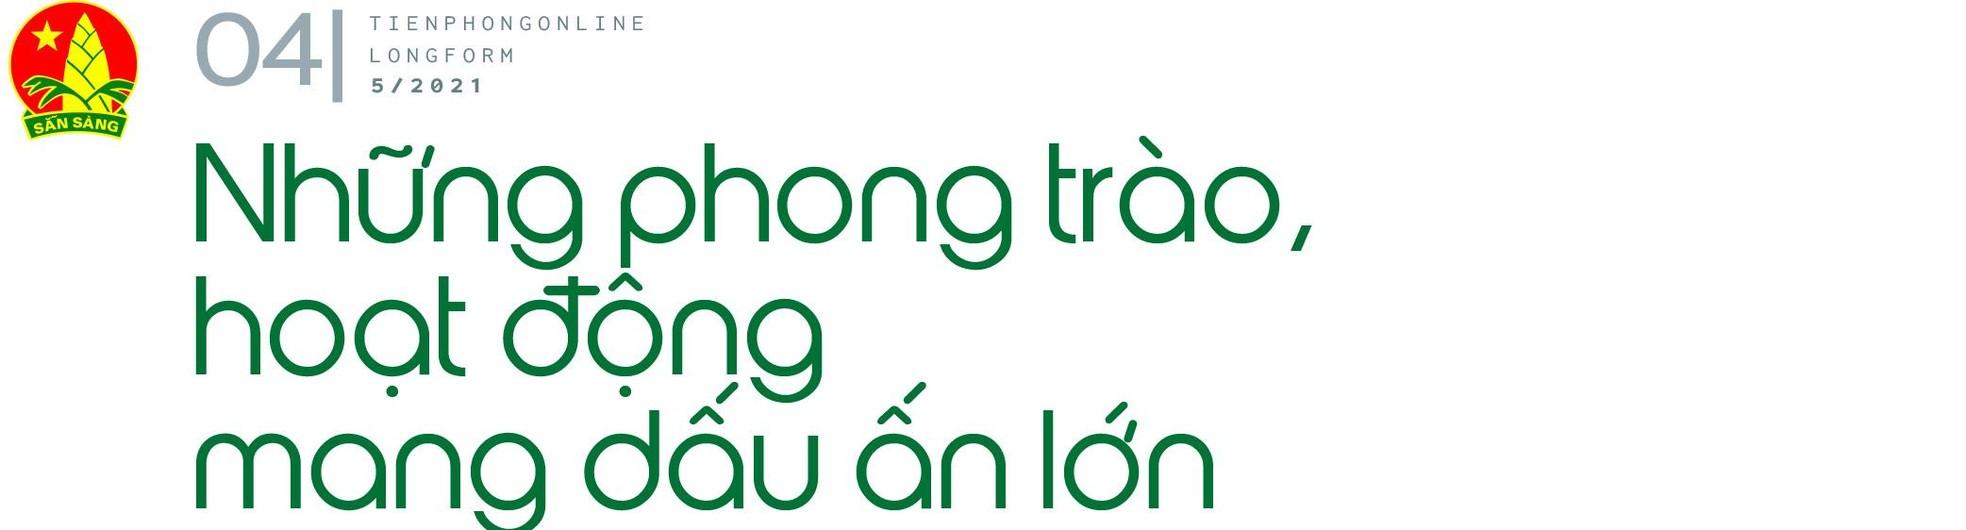 Đội TNTP Hồ Chí Minh – 80 mùa hoa lớn lên cùng đất nước ảnh 11